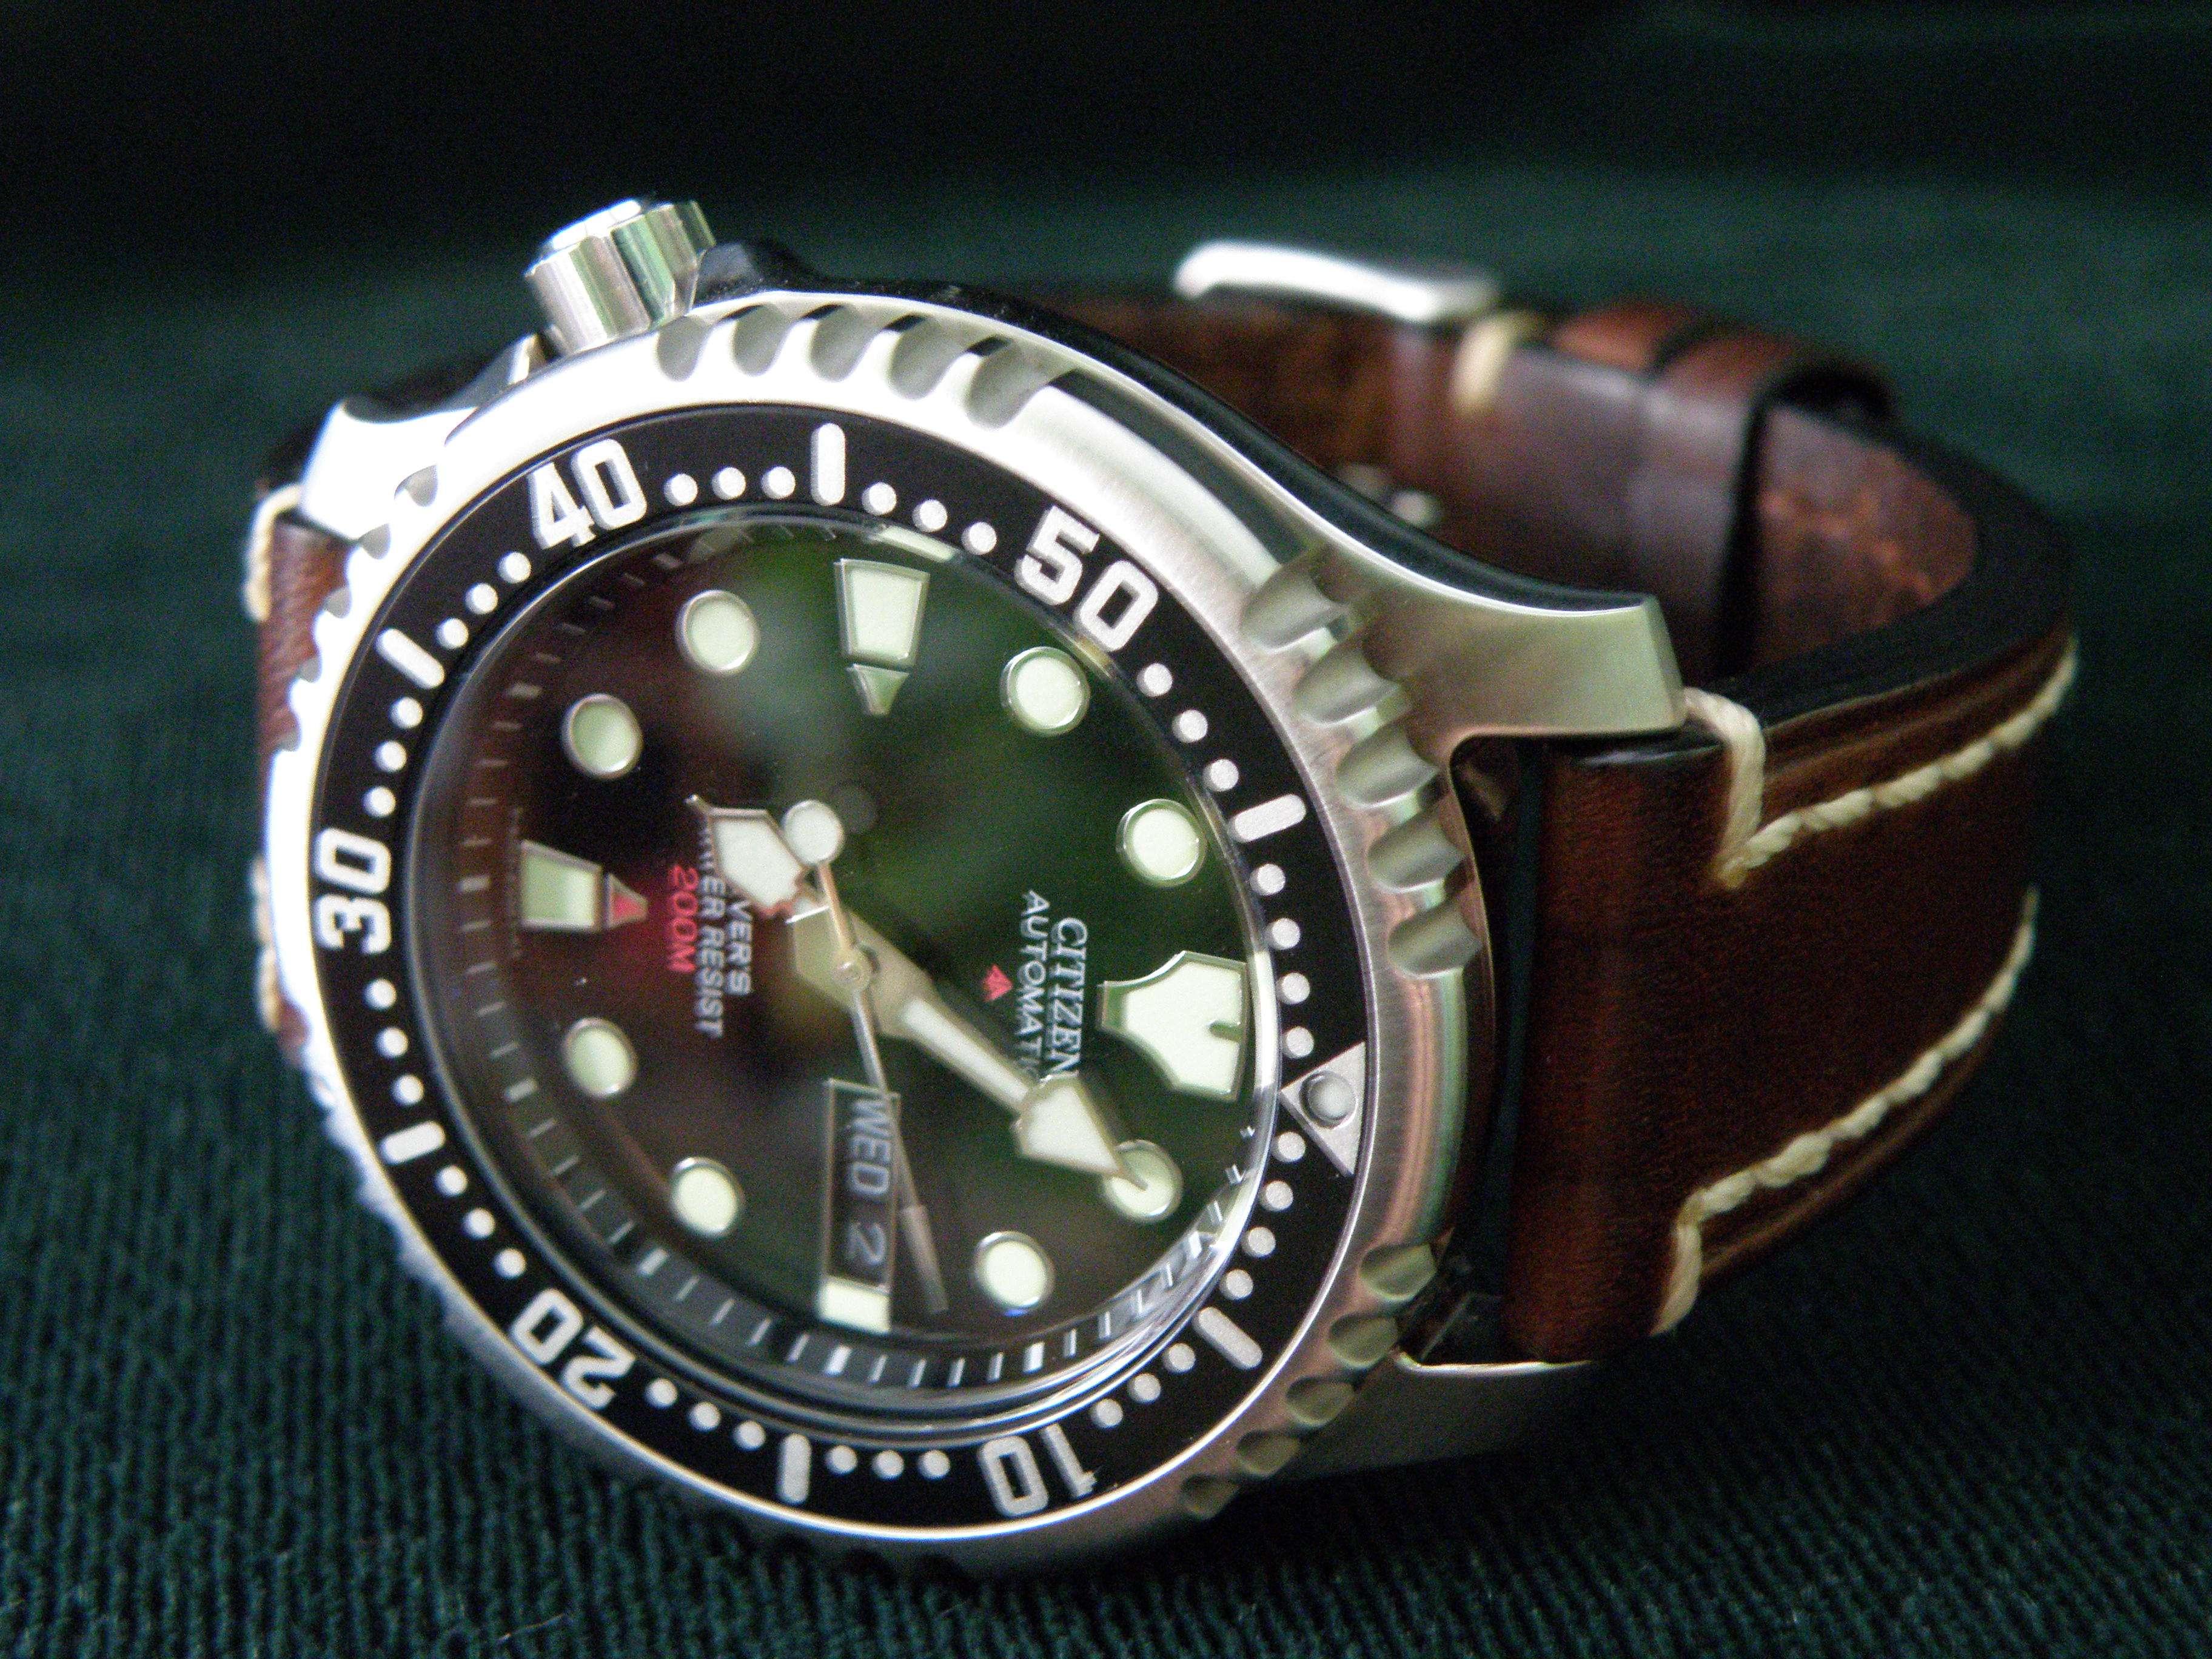 f766c5306a51 ¿ Qué reloj llevamos hoy ...    Archivo  - Página 58 - Hablemos de Relojes